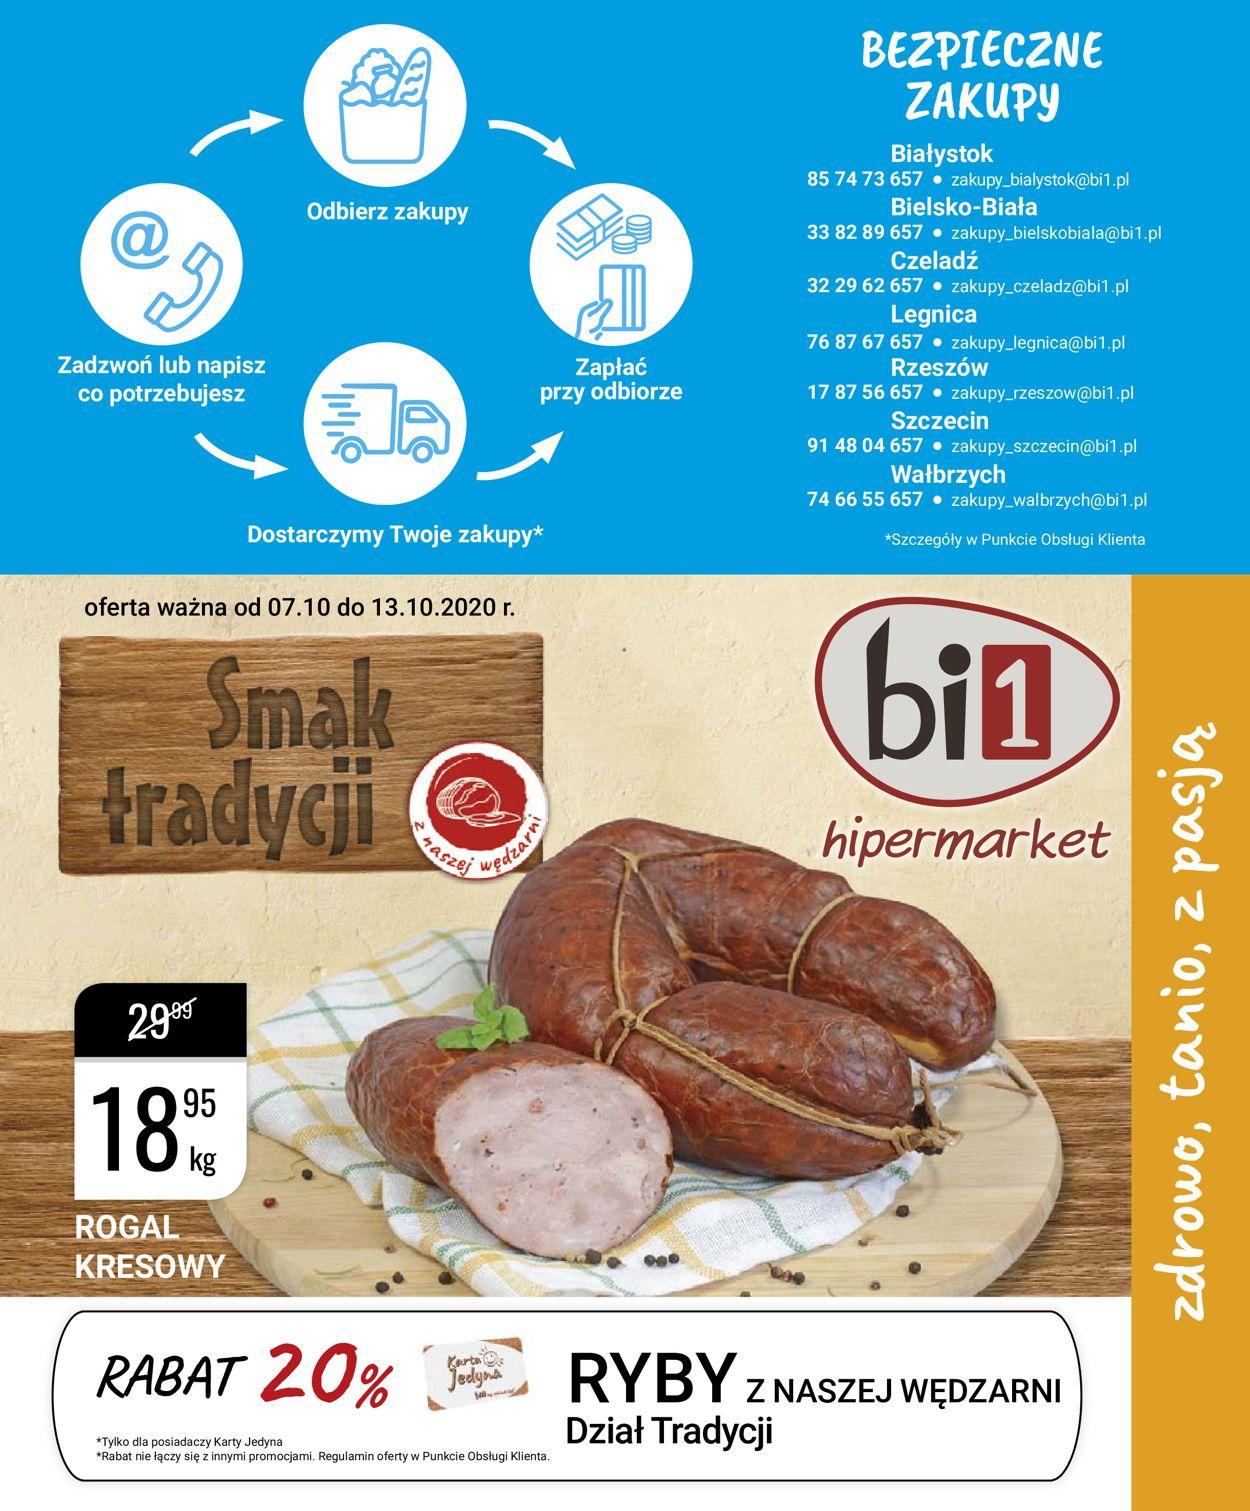 Gazetka promocyjna bi1 - 07.10-13.10.2020